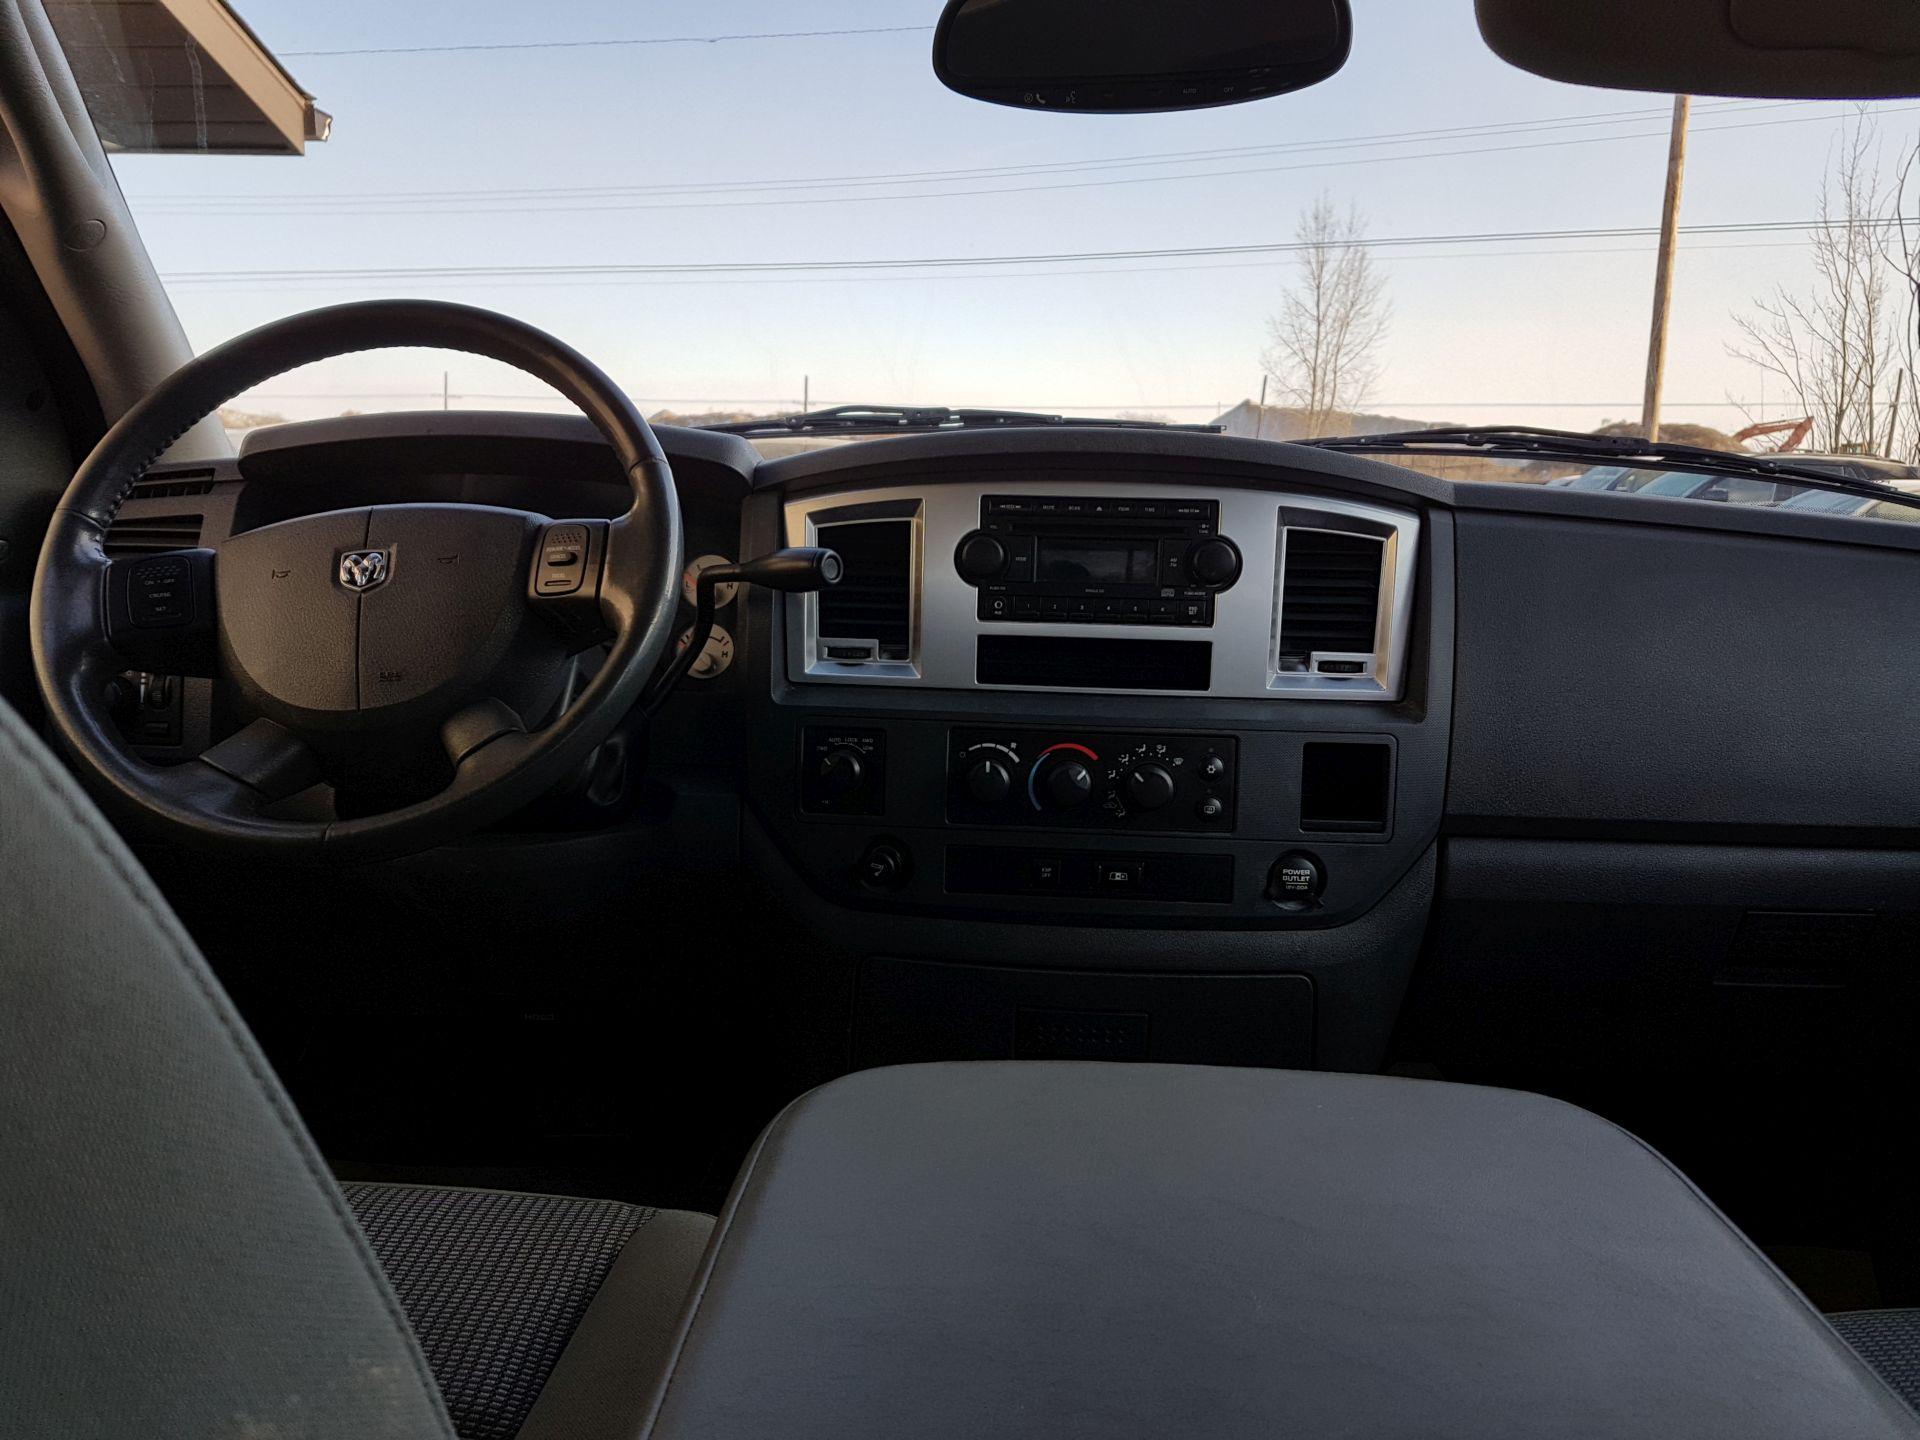 on 1991 Dodge Grand Caravan